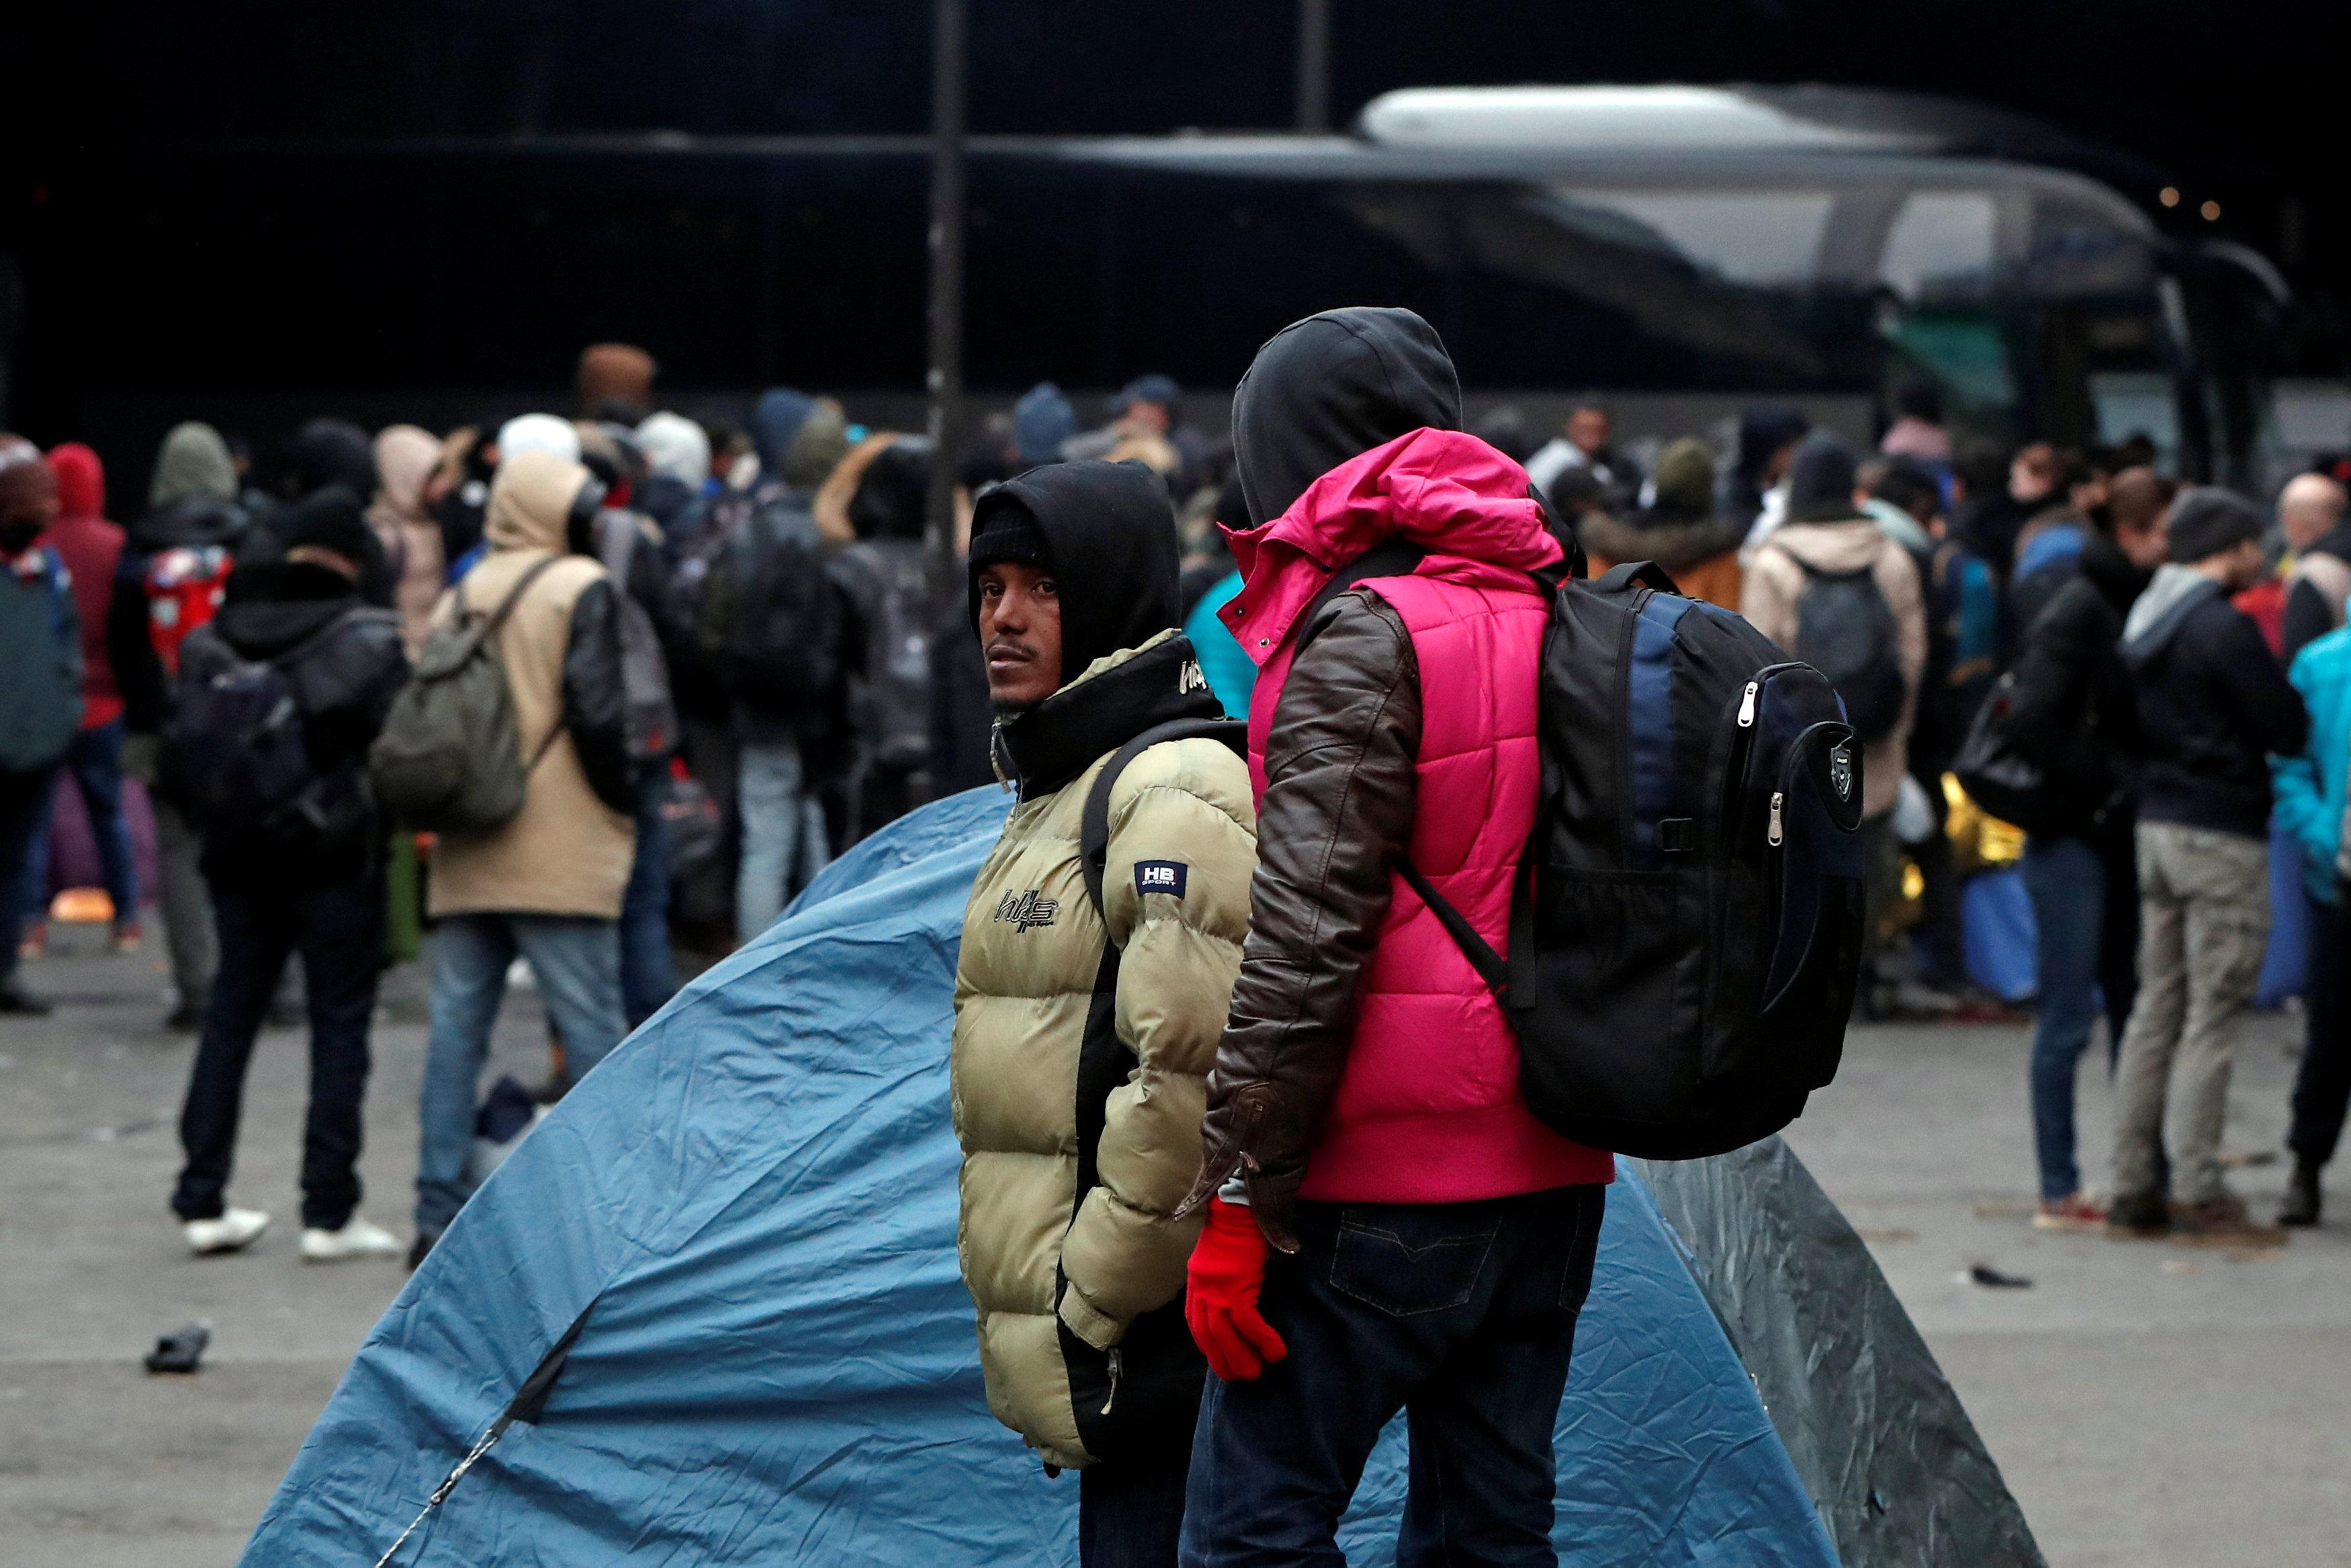 أعداد من اللاجئين يستعدون للانتقال من مخيماتهم